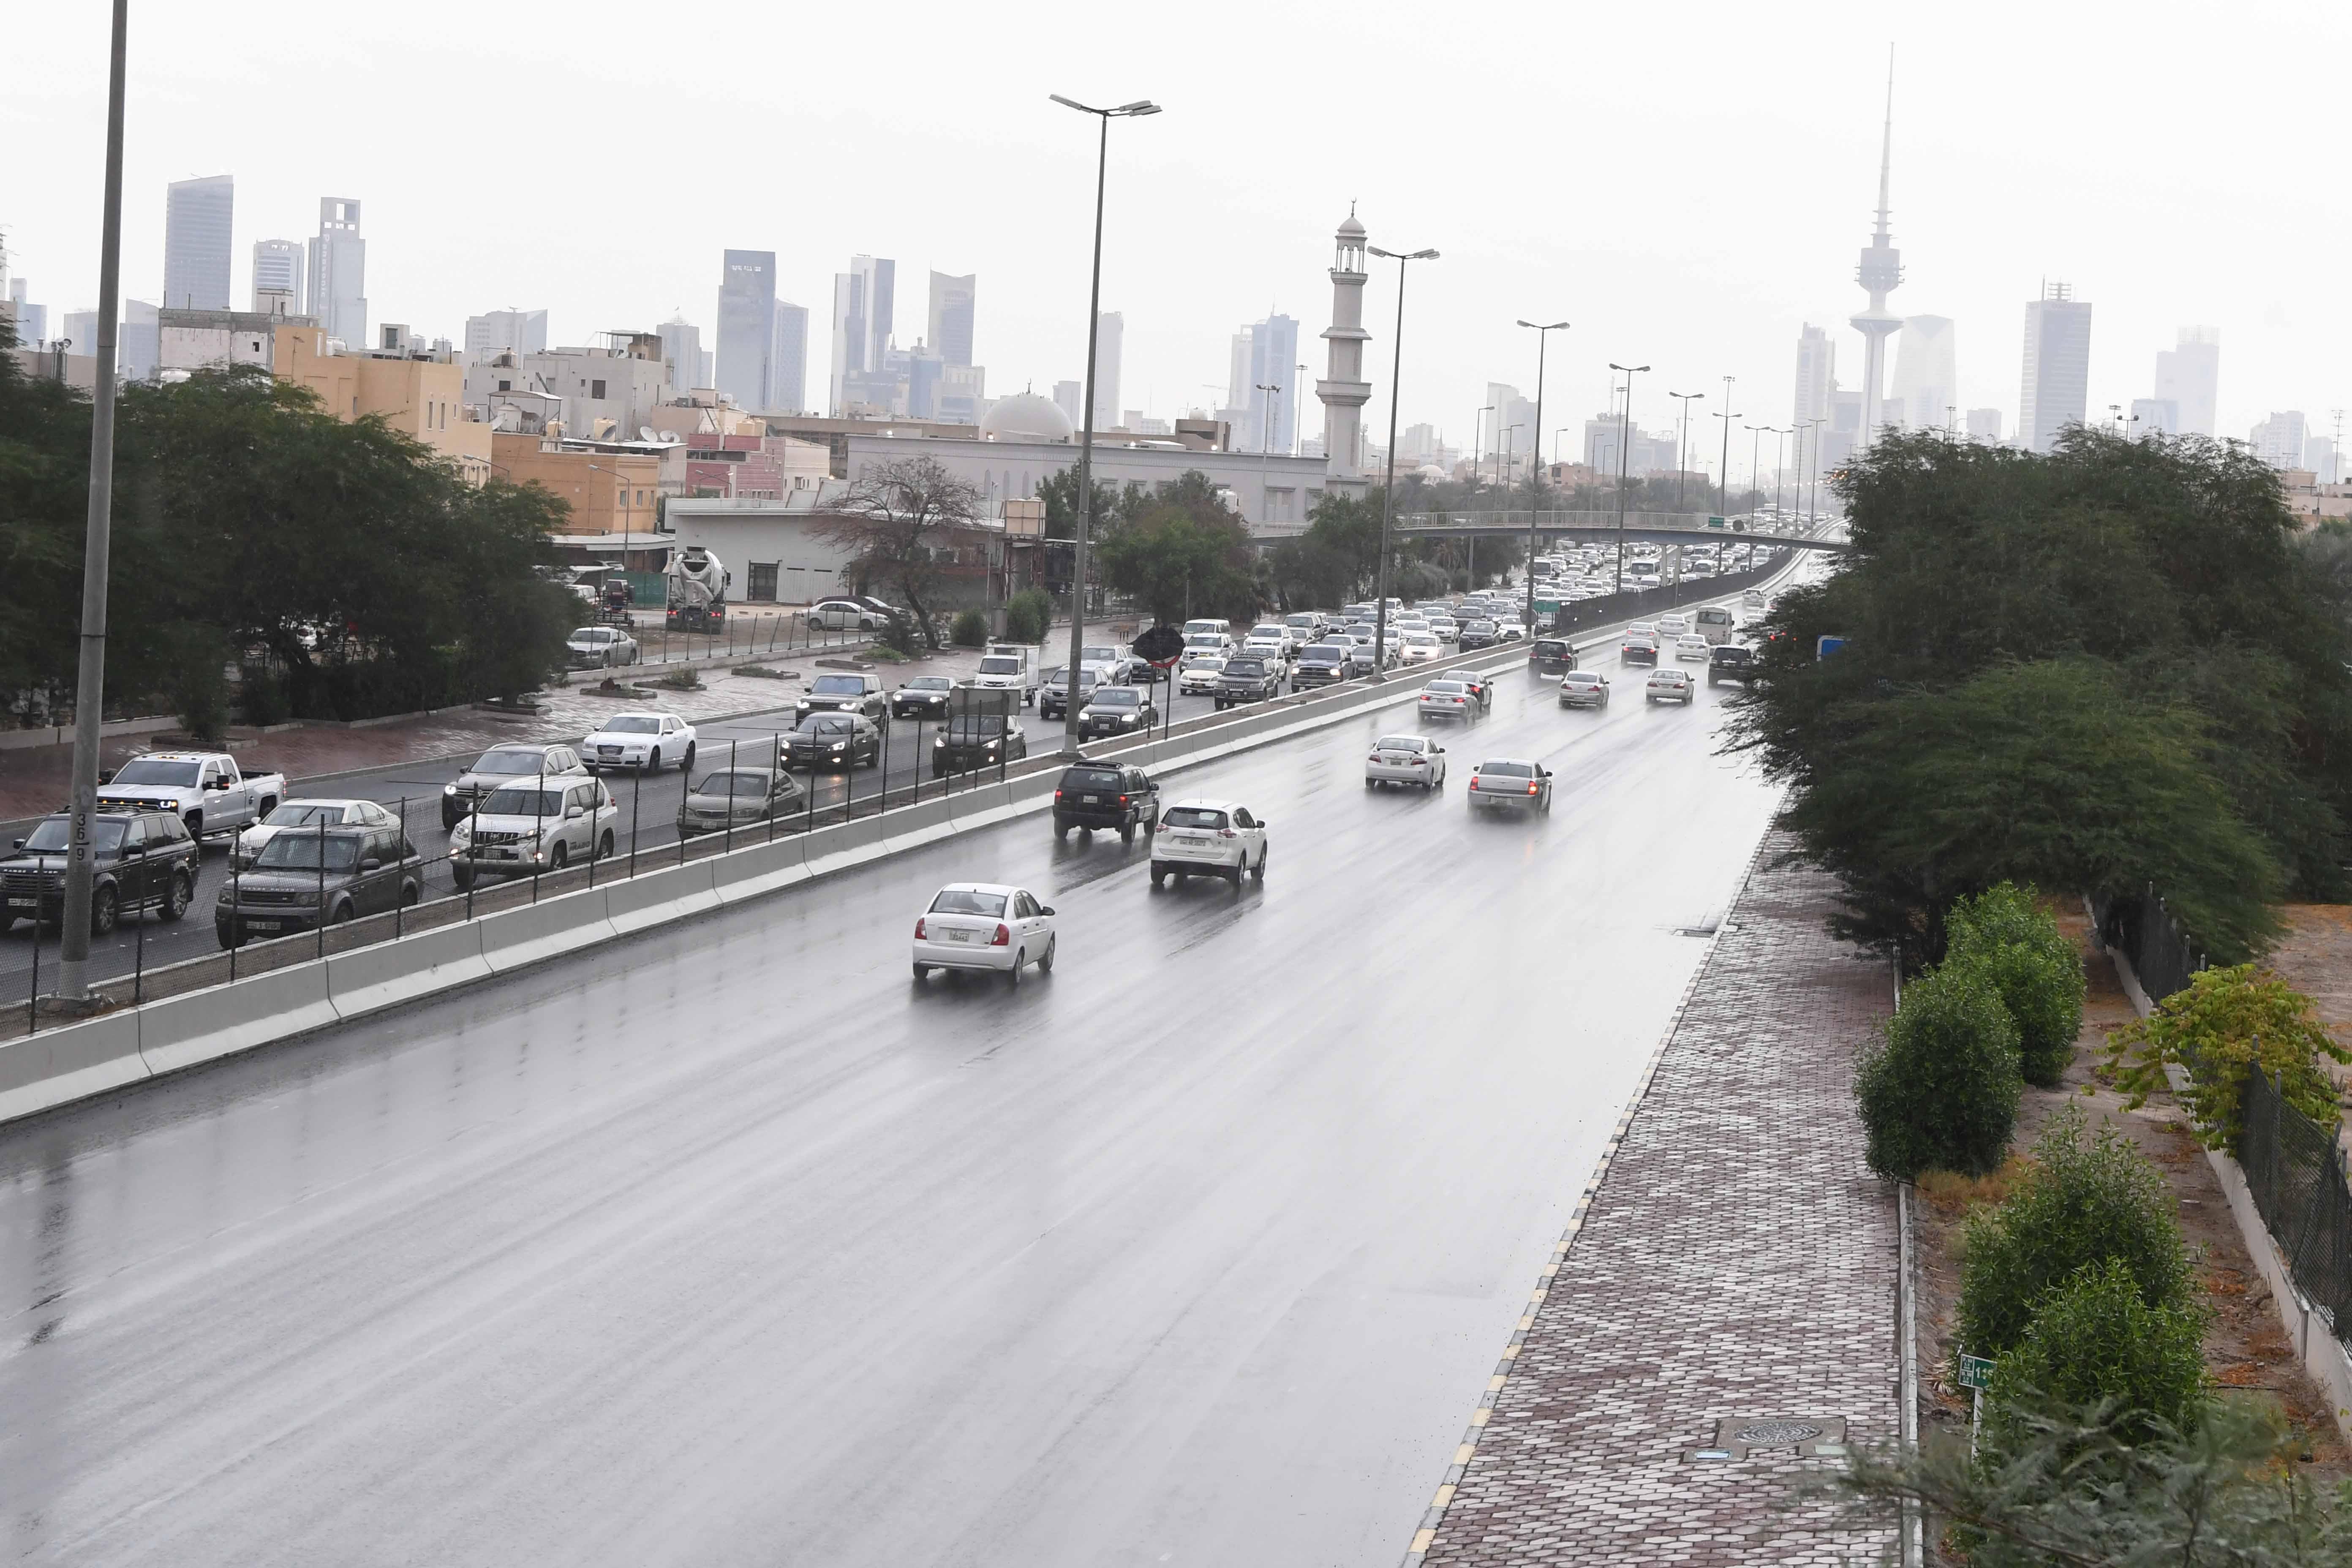 «الأرصاد»: رياح مثيرة للغبار مع فرصة لأمطار رعدية